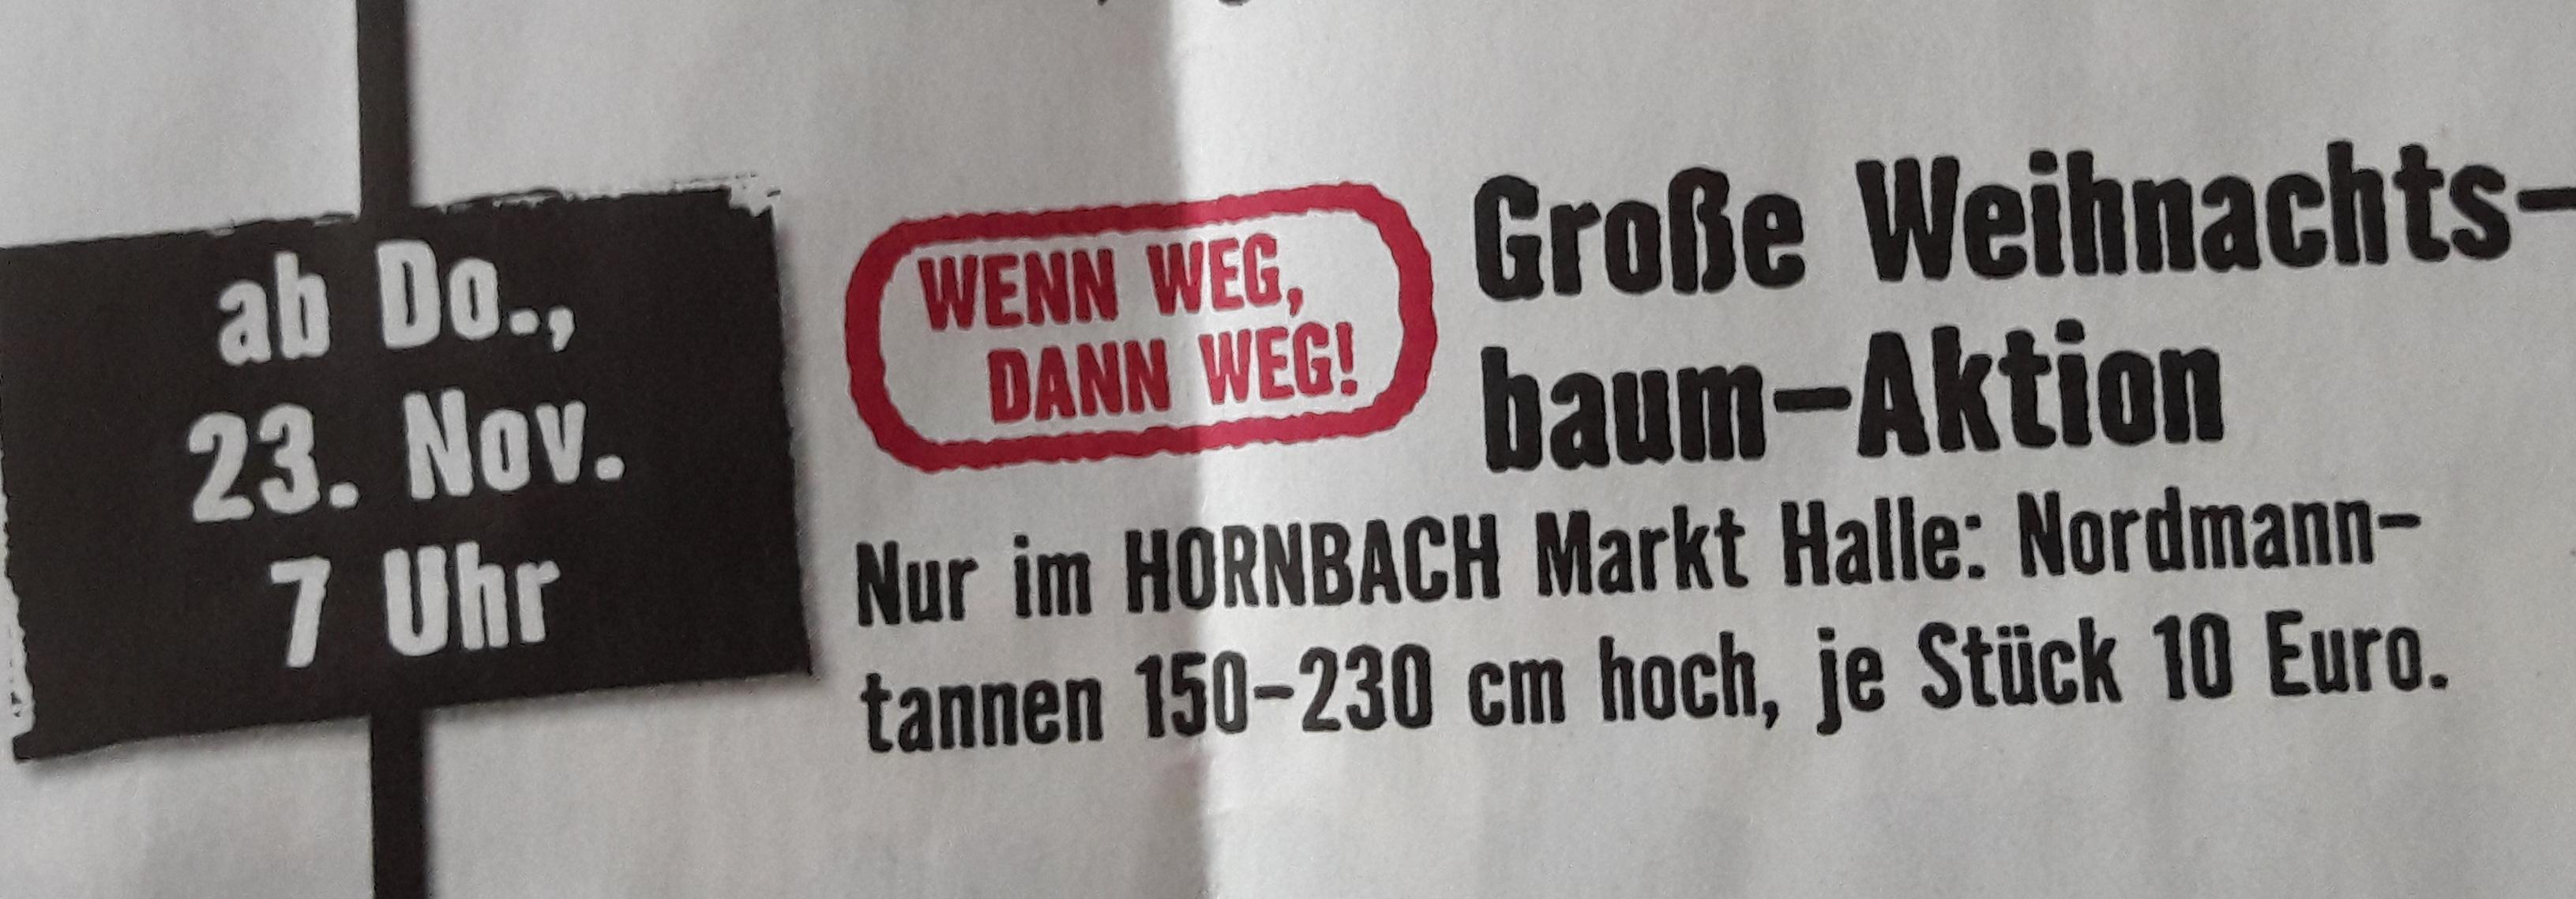 [Lokal Halle (S.)] Weihnachtsbaum Nordmanntanne 150 bis 230 cm im Hornbach Markt Halle am 23.11.17 ab 7 Uhr